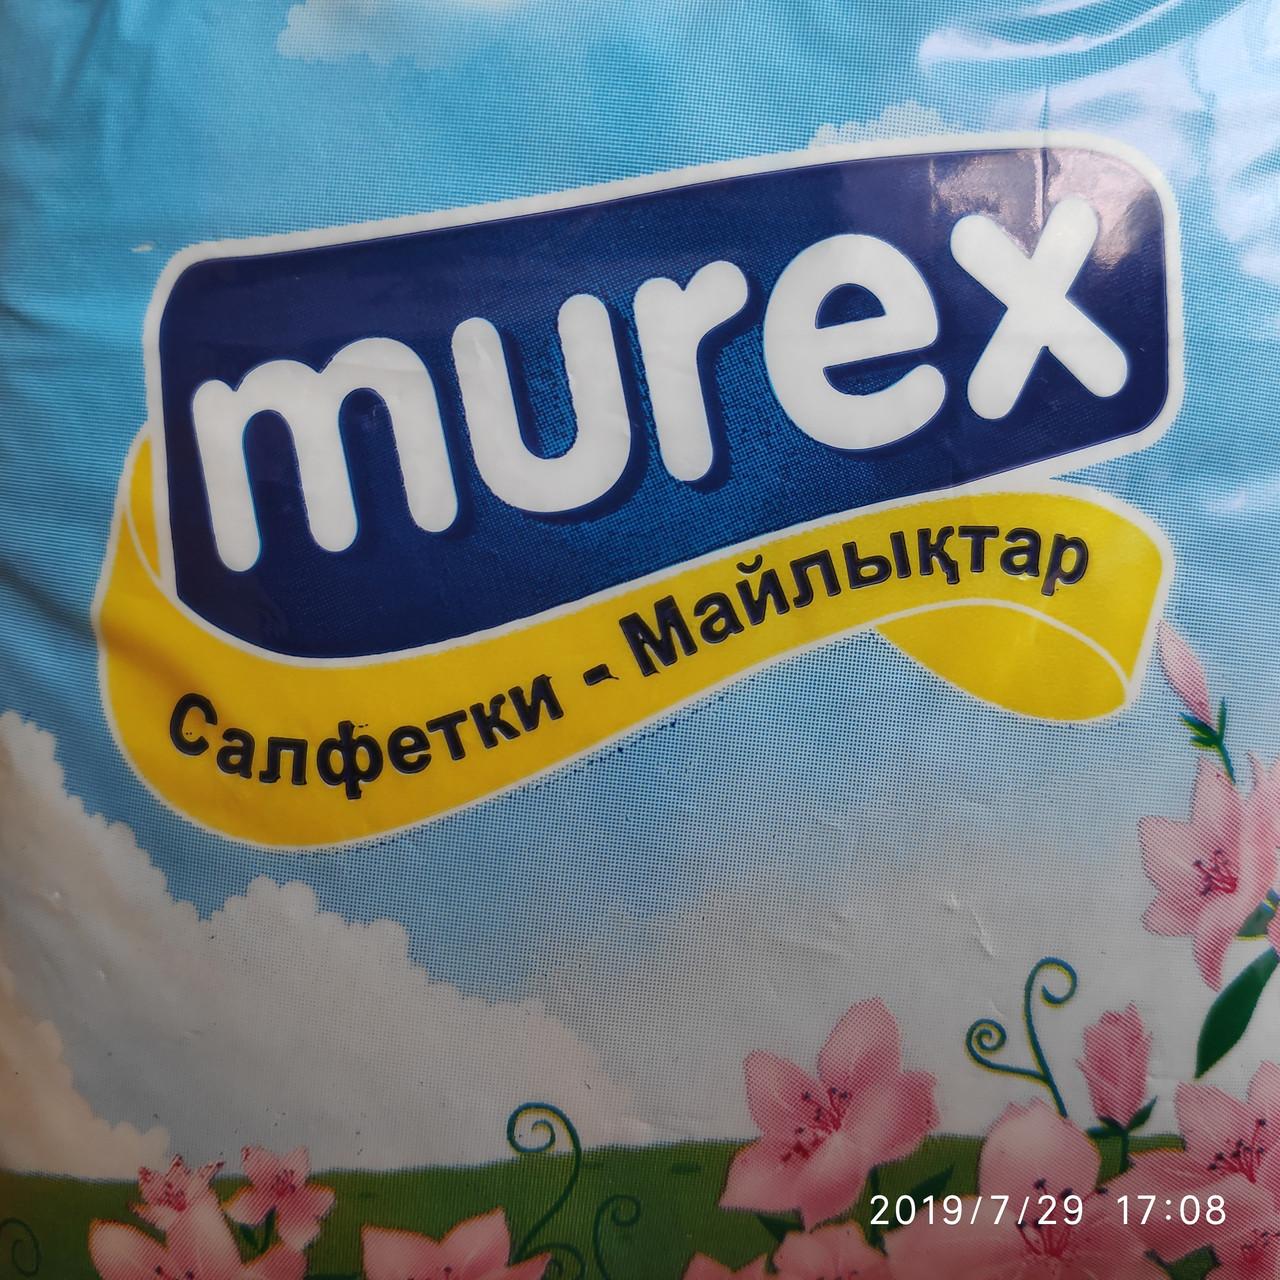 """Салфетки настольные бытовые """"Murex"""" Стандарт, 100 листов"""